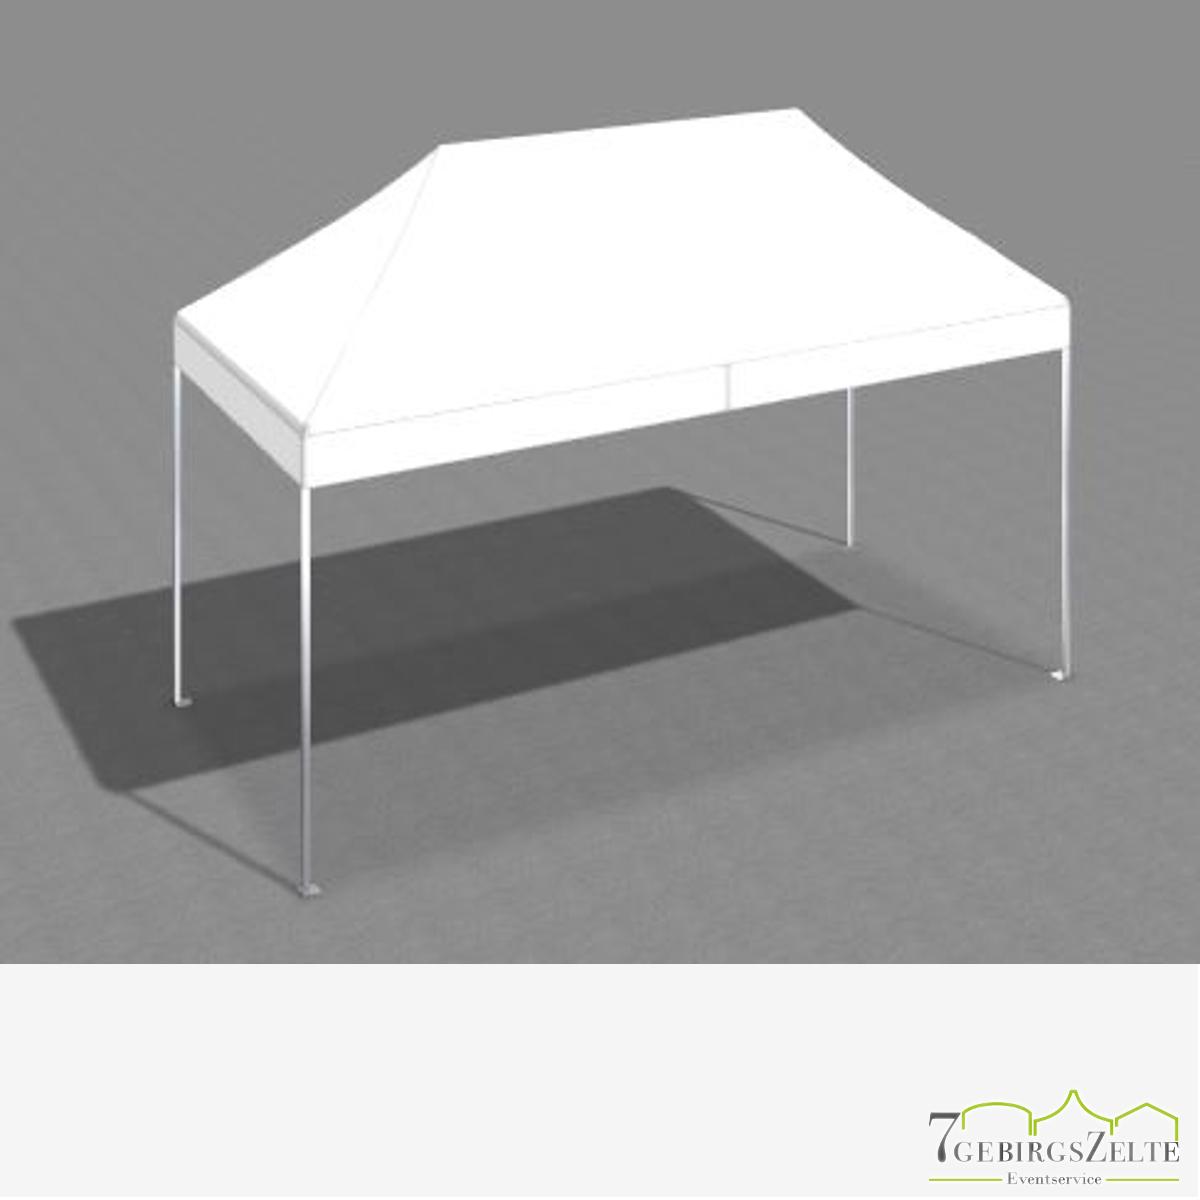 Faltzelt 3 x 6 m mit weißem Dach